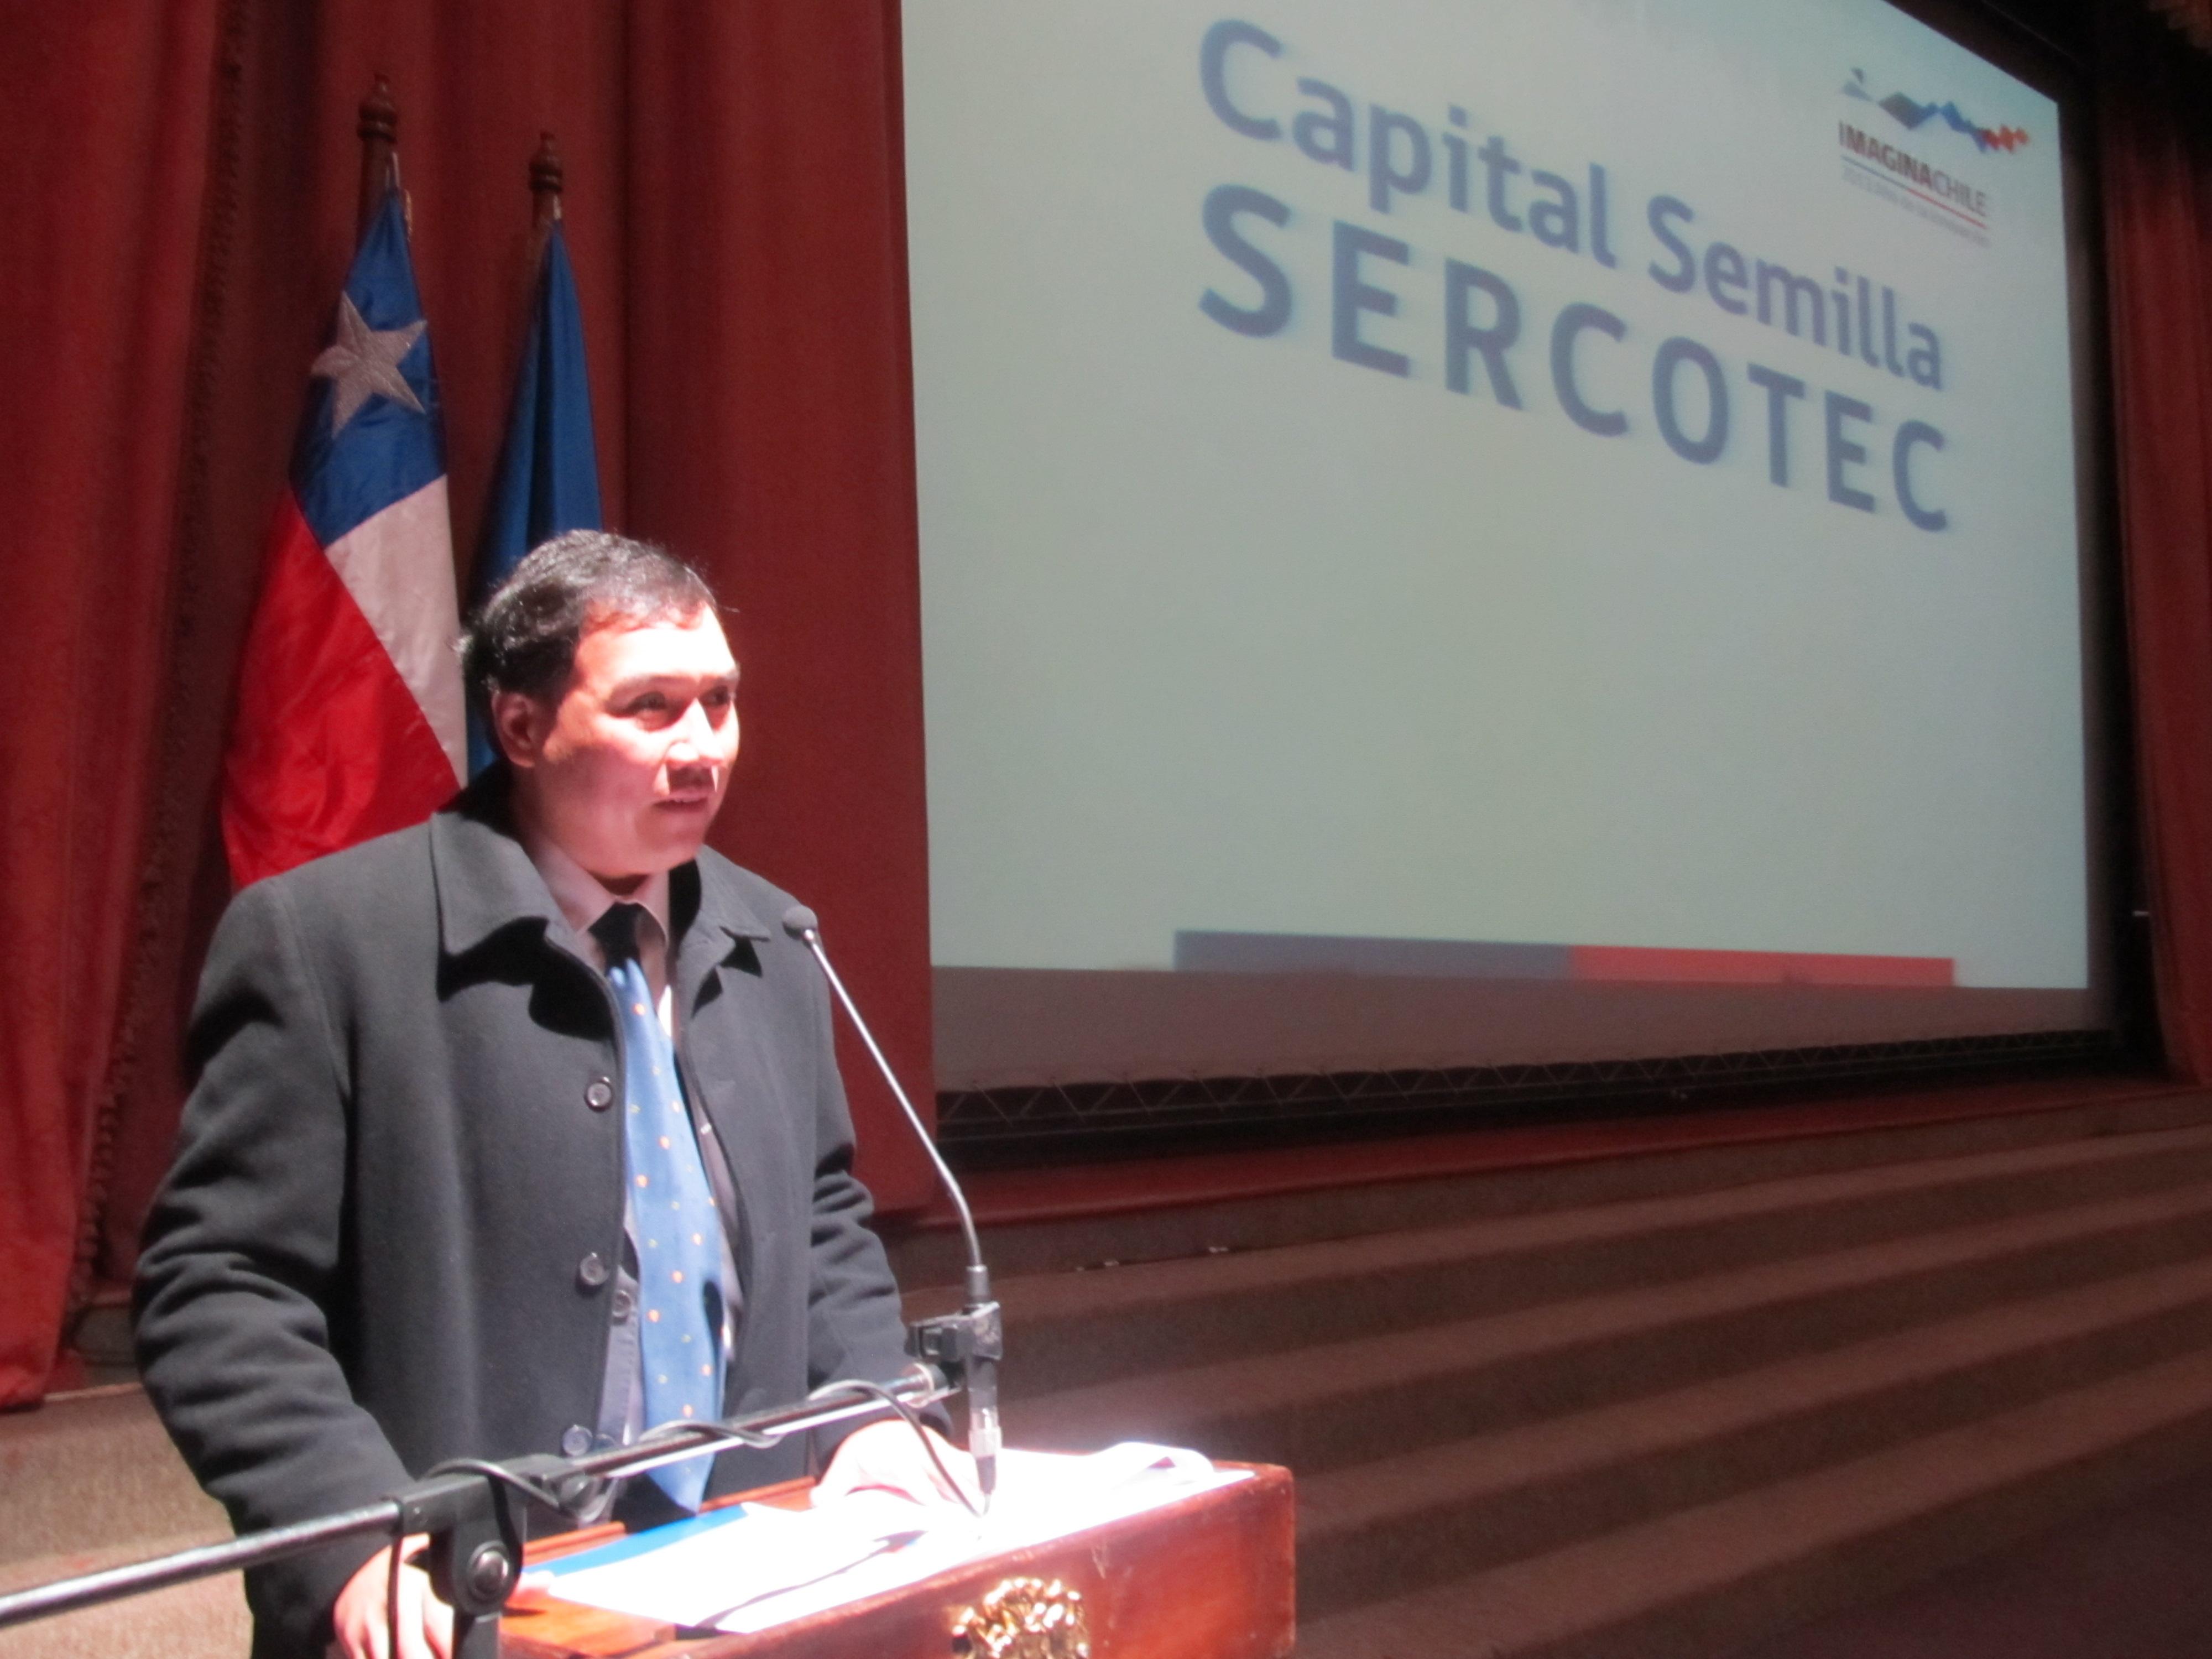 Este martes 4 de marzo se abren las postulaciones a Capital Semilla 2014